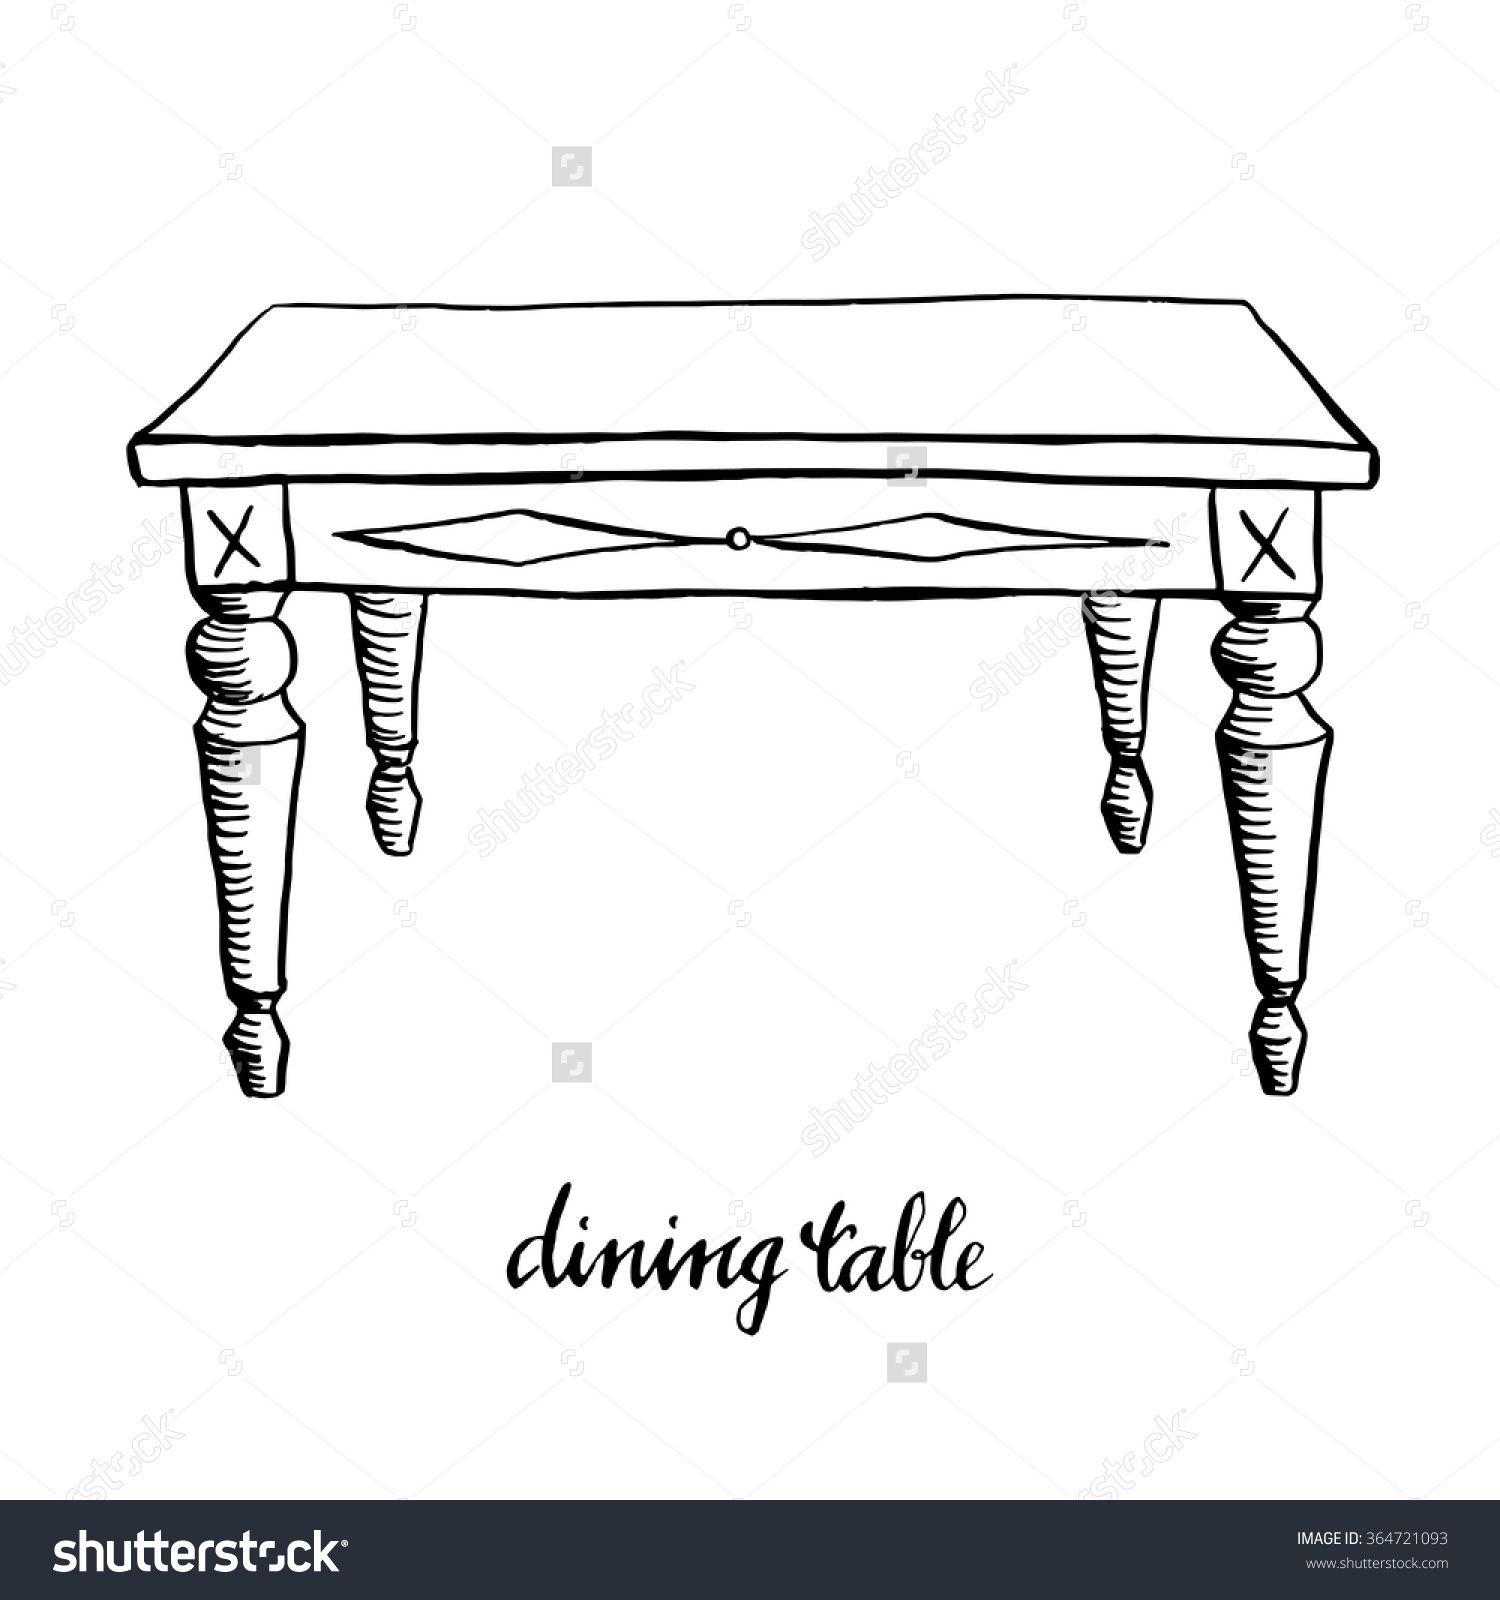 Vintage Dining Table Furniture Interior Design Elements Hand Drawn Ink Sketch Illustration